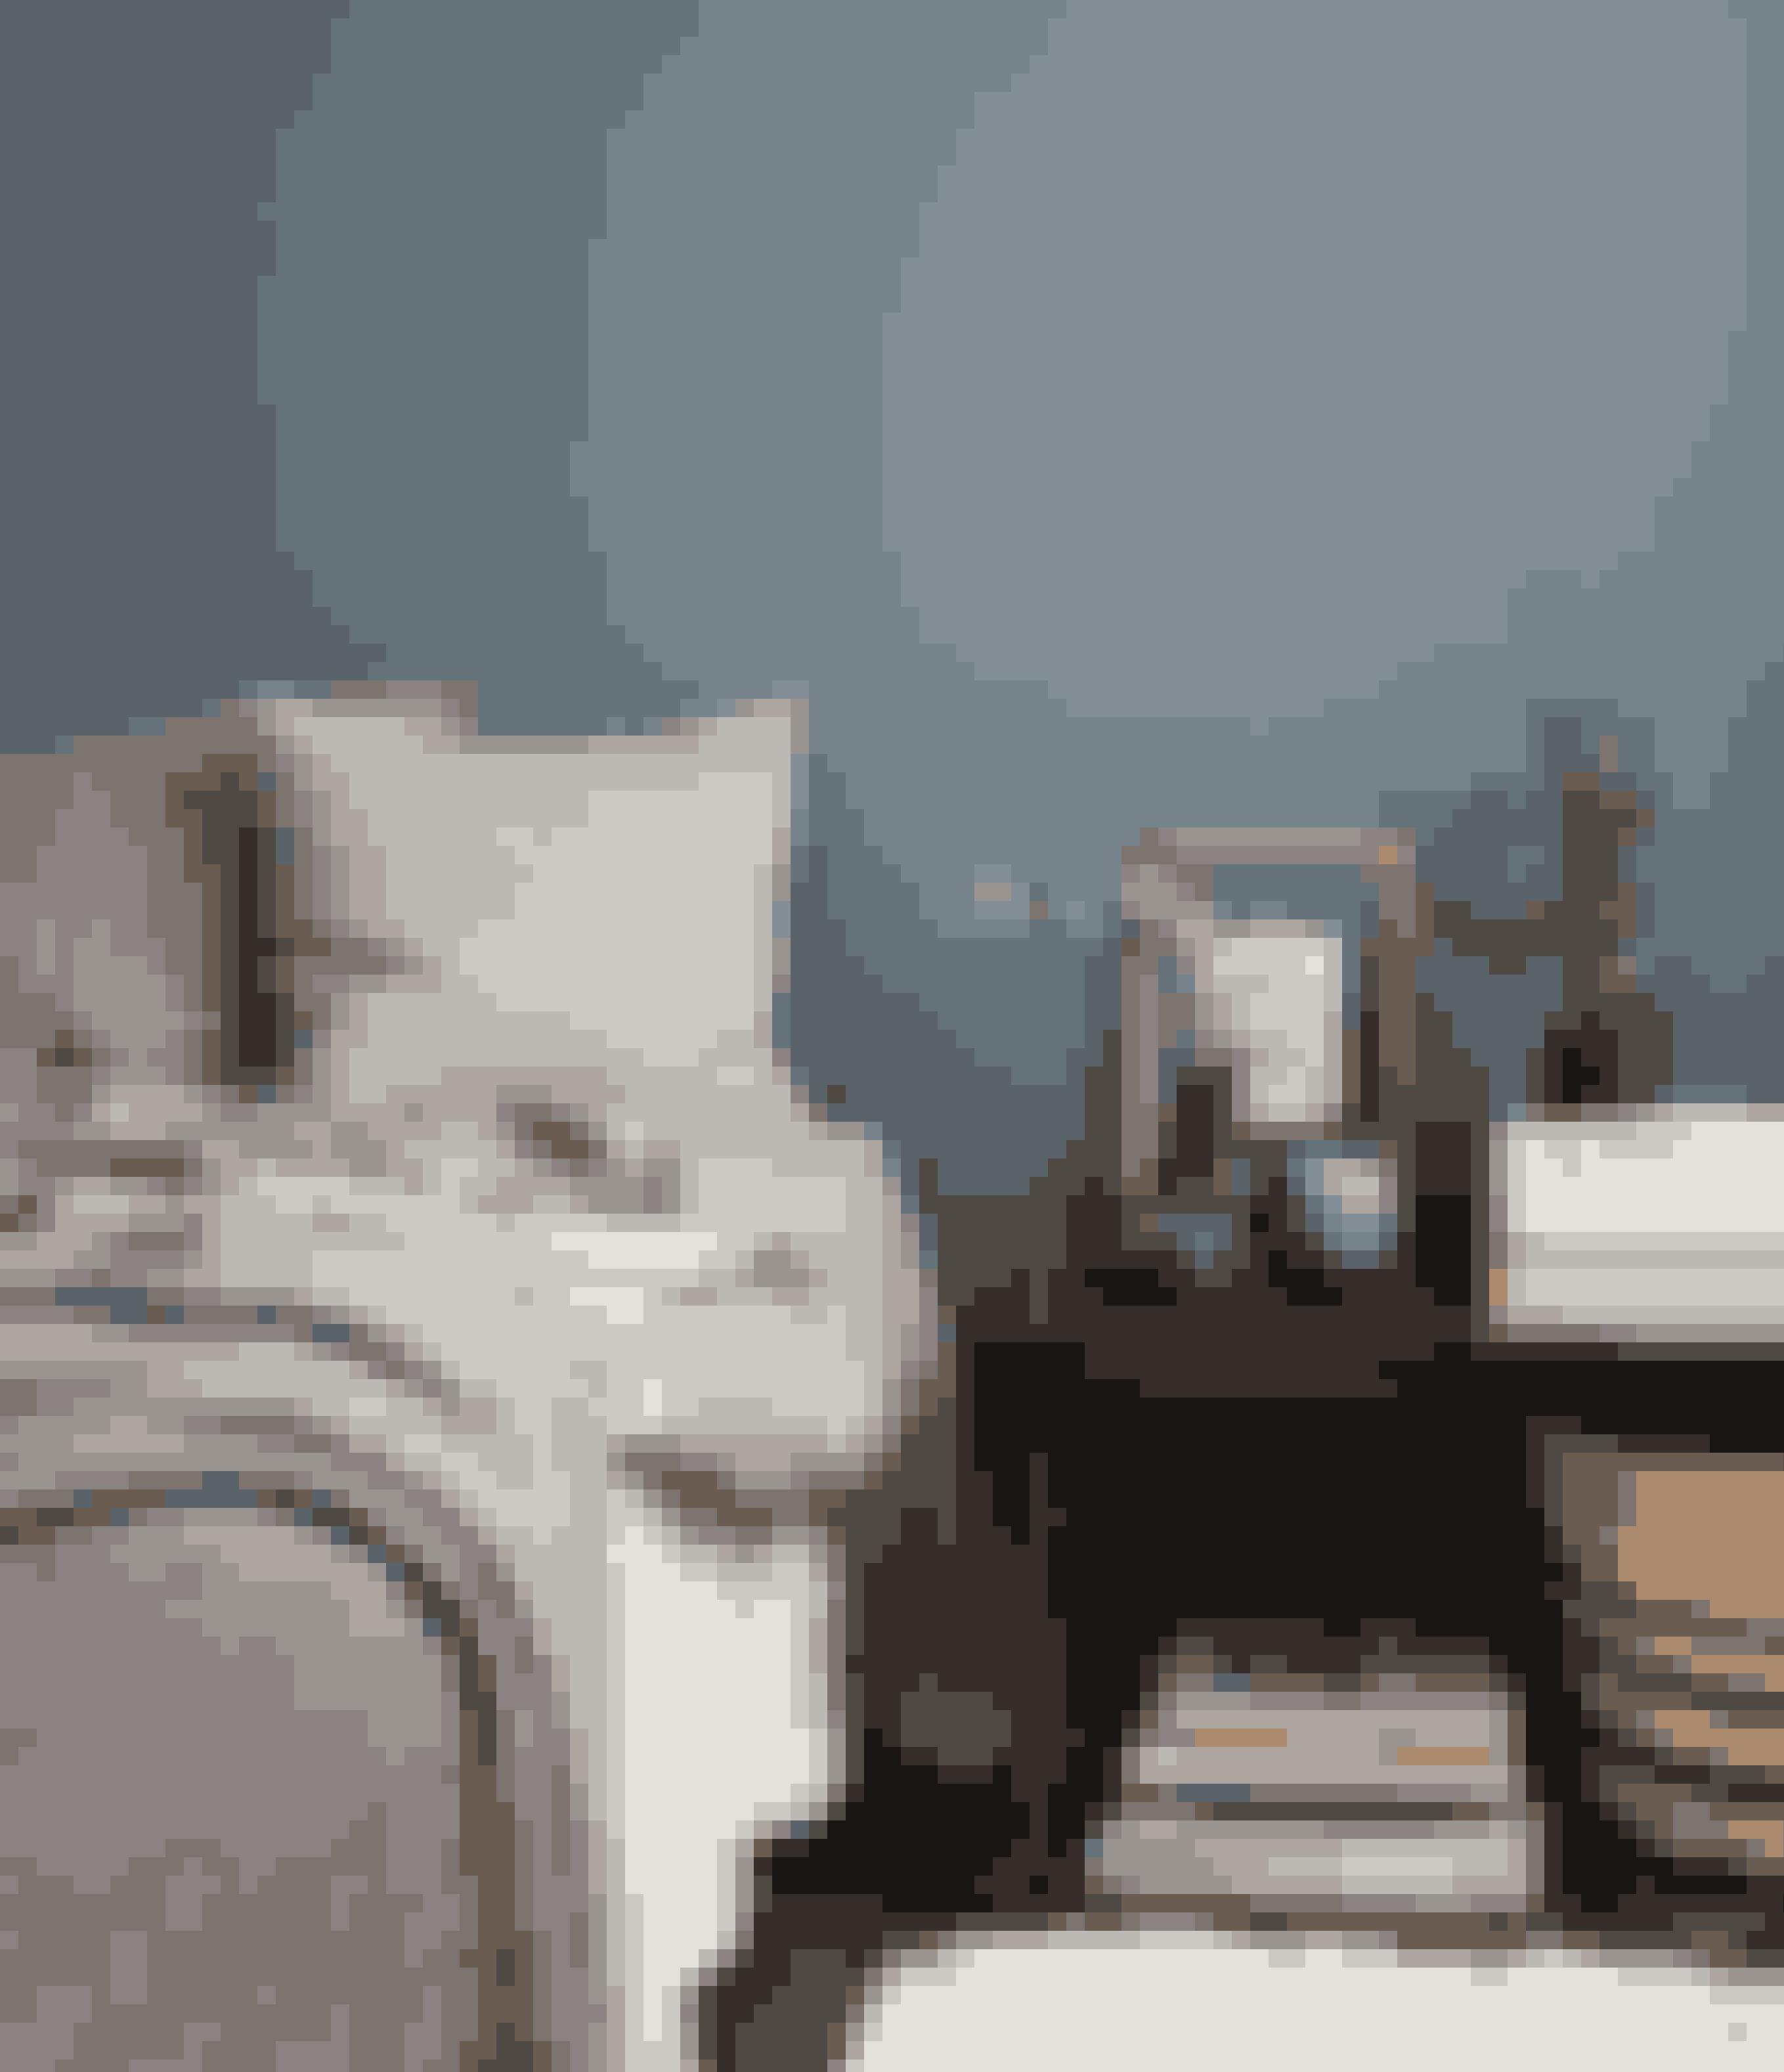 Har du tænkt dig at læse, se serier eller være vågen med andre hyggelige sysler i sengen, så gør dit soveværelse personligt og til en del af hjemmet. Brug fx krukker og æsker på dit sengebord, og lad bøgerne være en del af indretningen sammen med planter og minder. Du kan altid gemme nipset væk, hvis du får brug for et mere stramt udtryk.